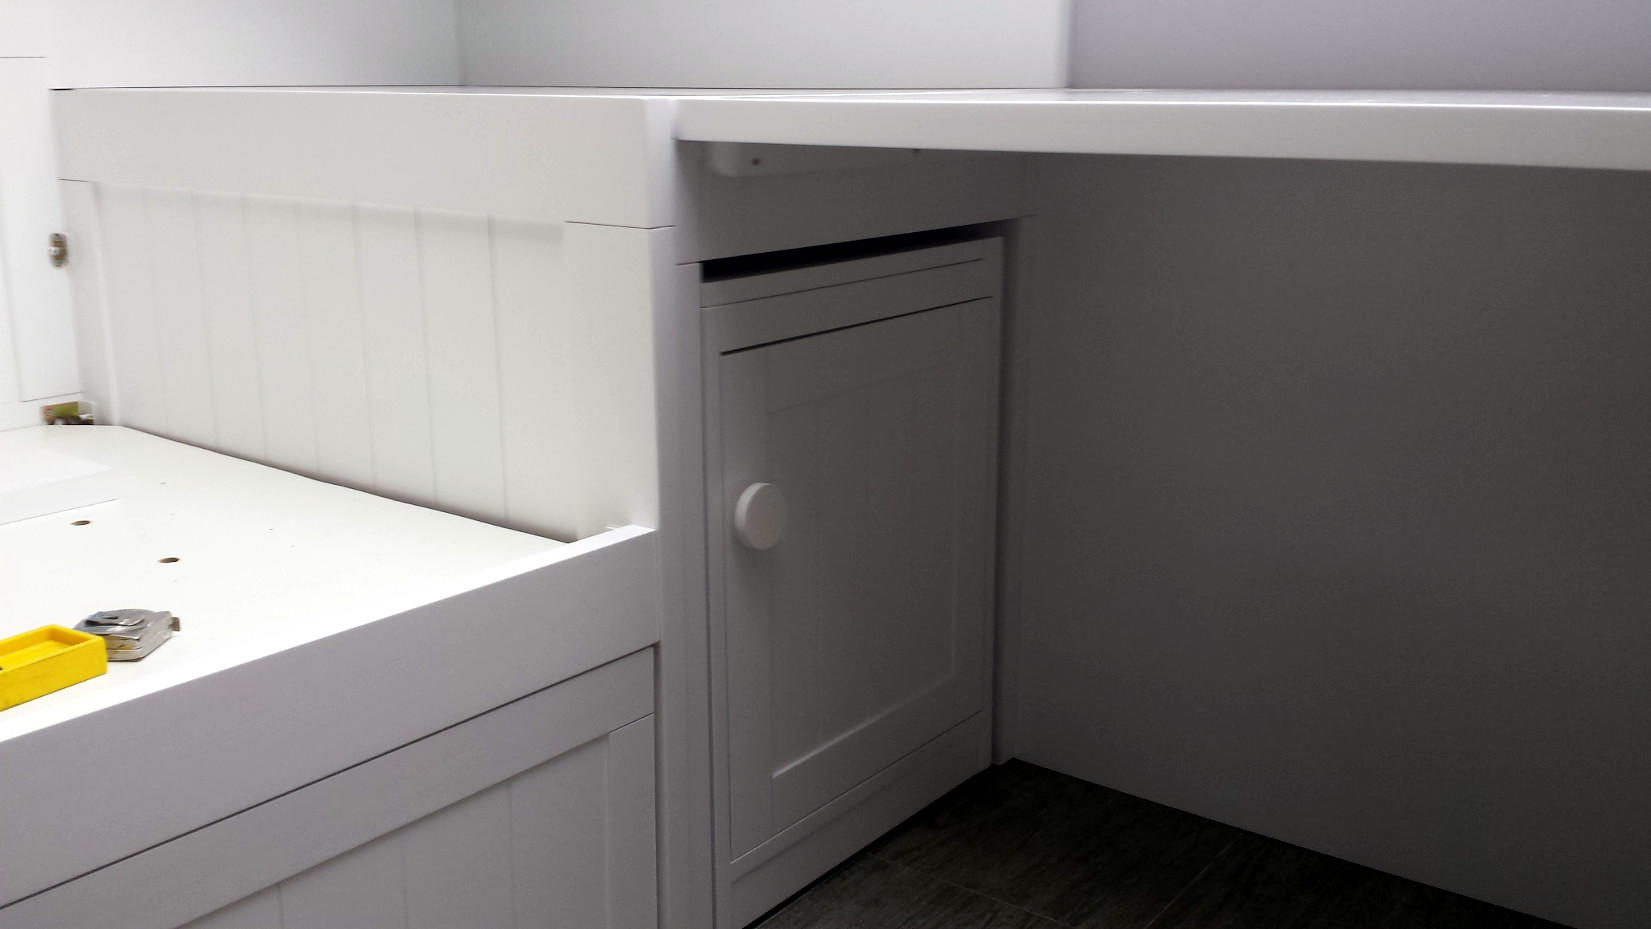 Cama nido lacada en blanco amazing alondra konver kurve - Cama nido con escritorio ...